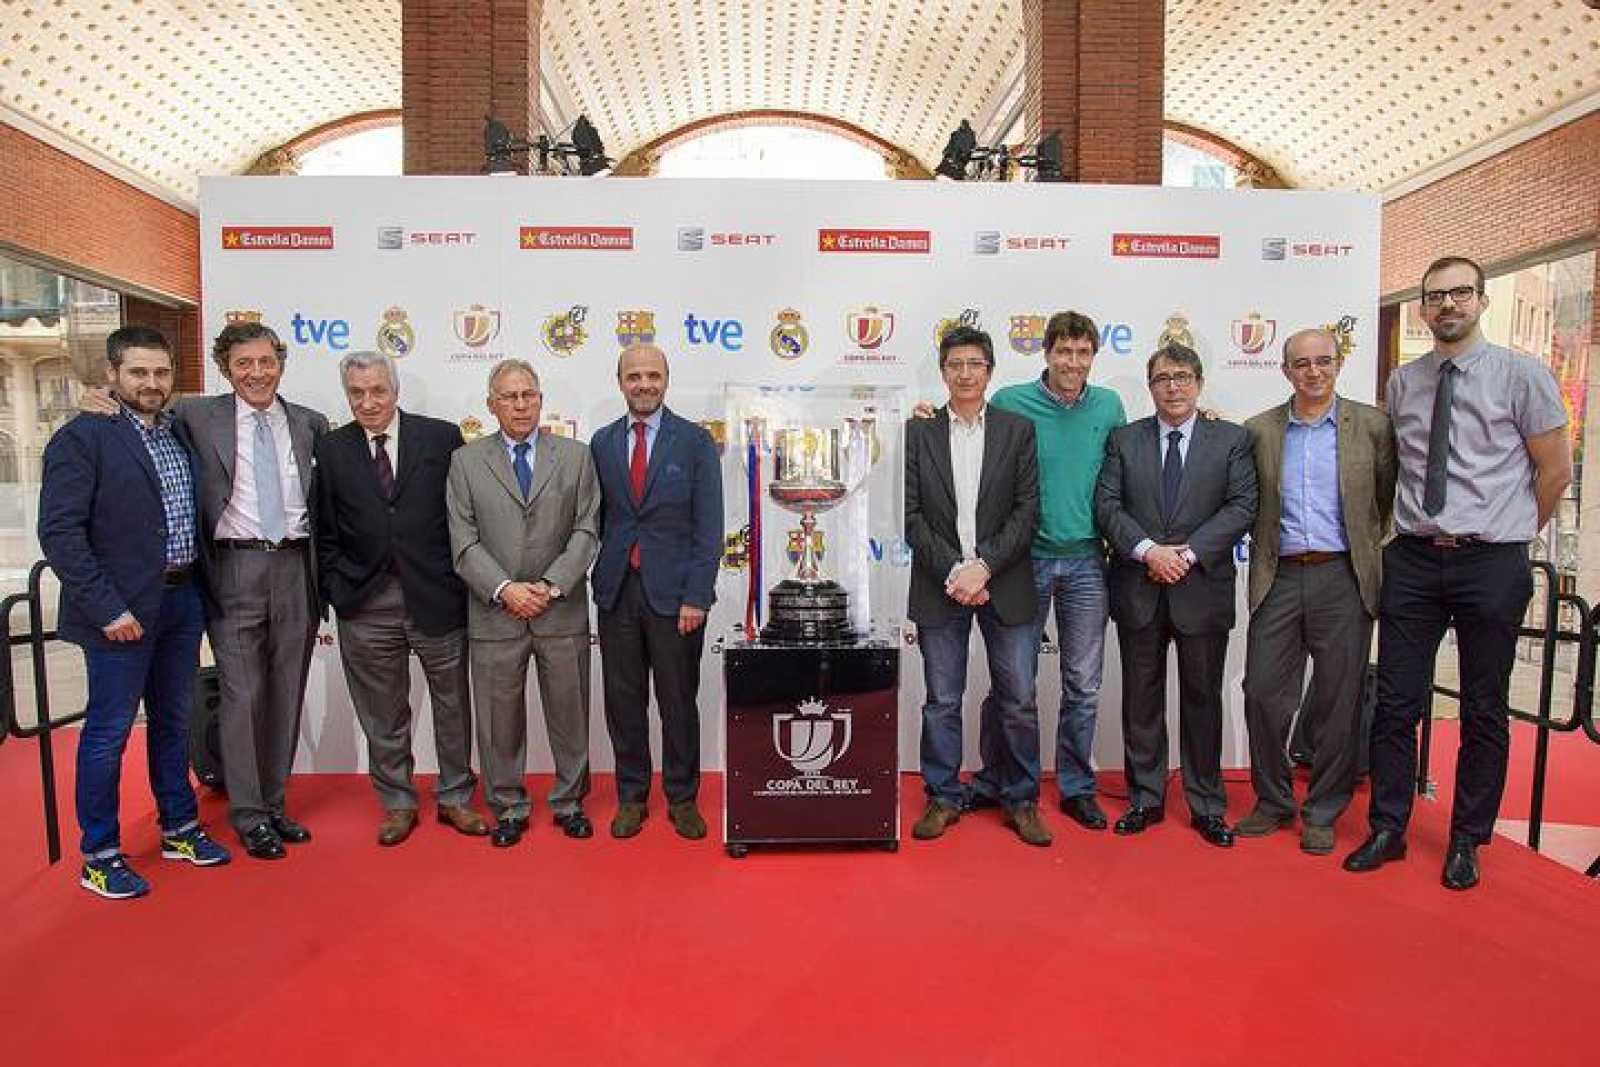 Presentación en Valencia: Final Copa del Rey 2014: vuelve el clásico FC Barcelona-Real Madrid con un excepcional despliegue en RTVE